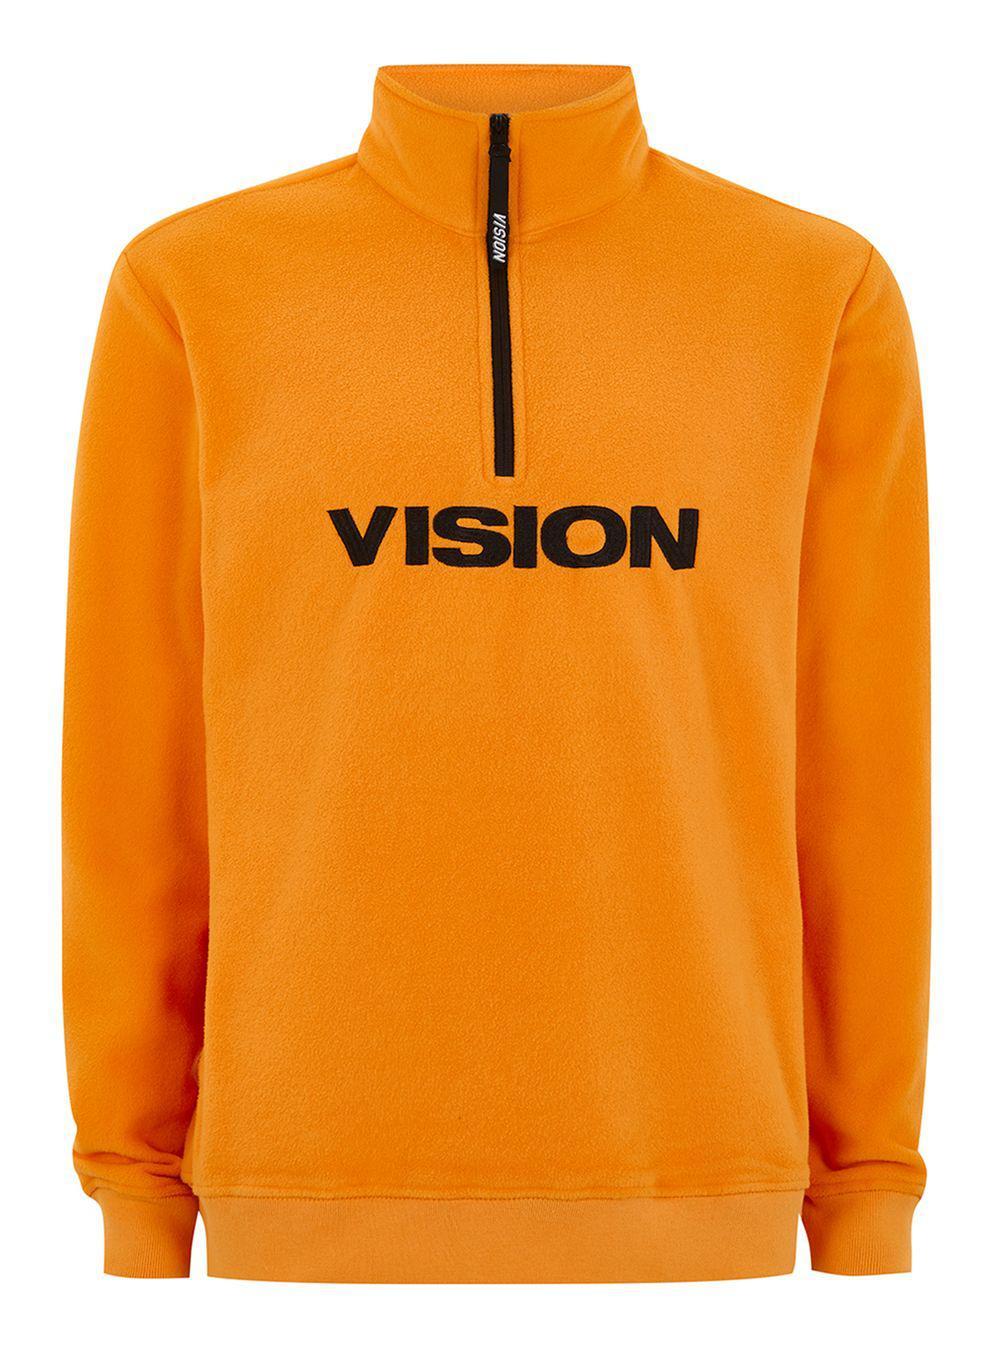 ee8404073 TOPMAN Vision Street Wear Yellow Half Zip Track Top in Yellow for ...